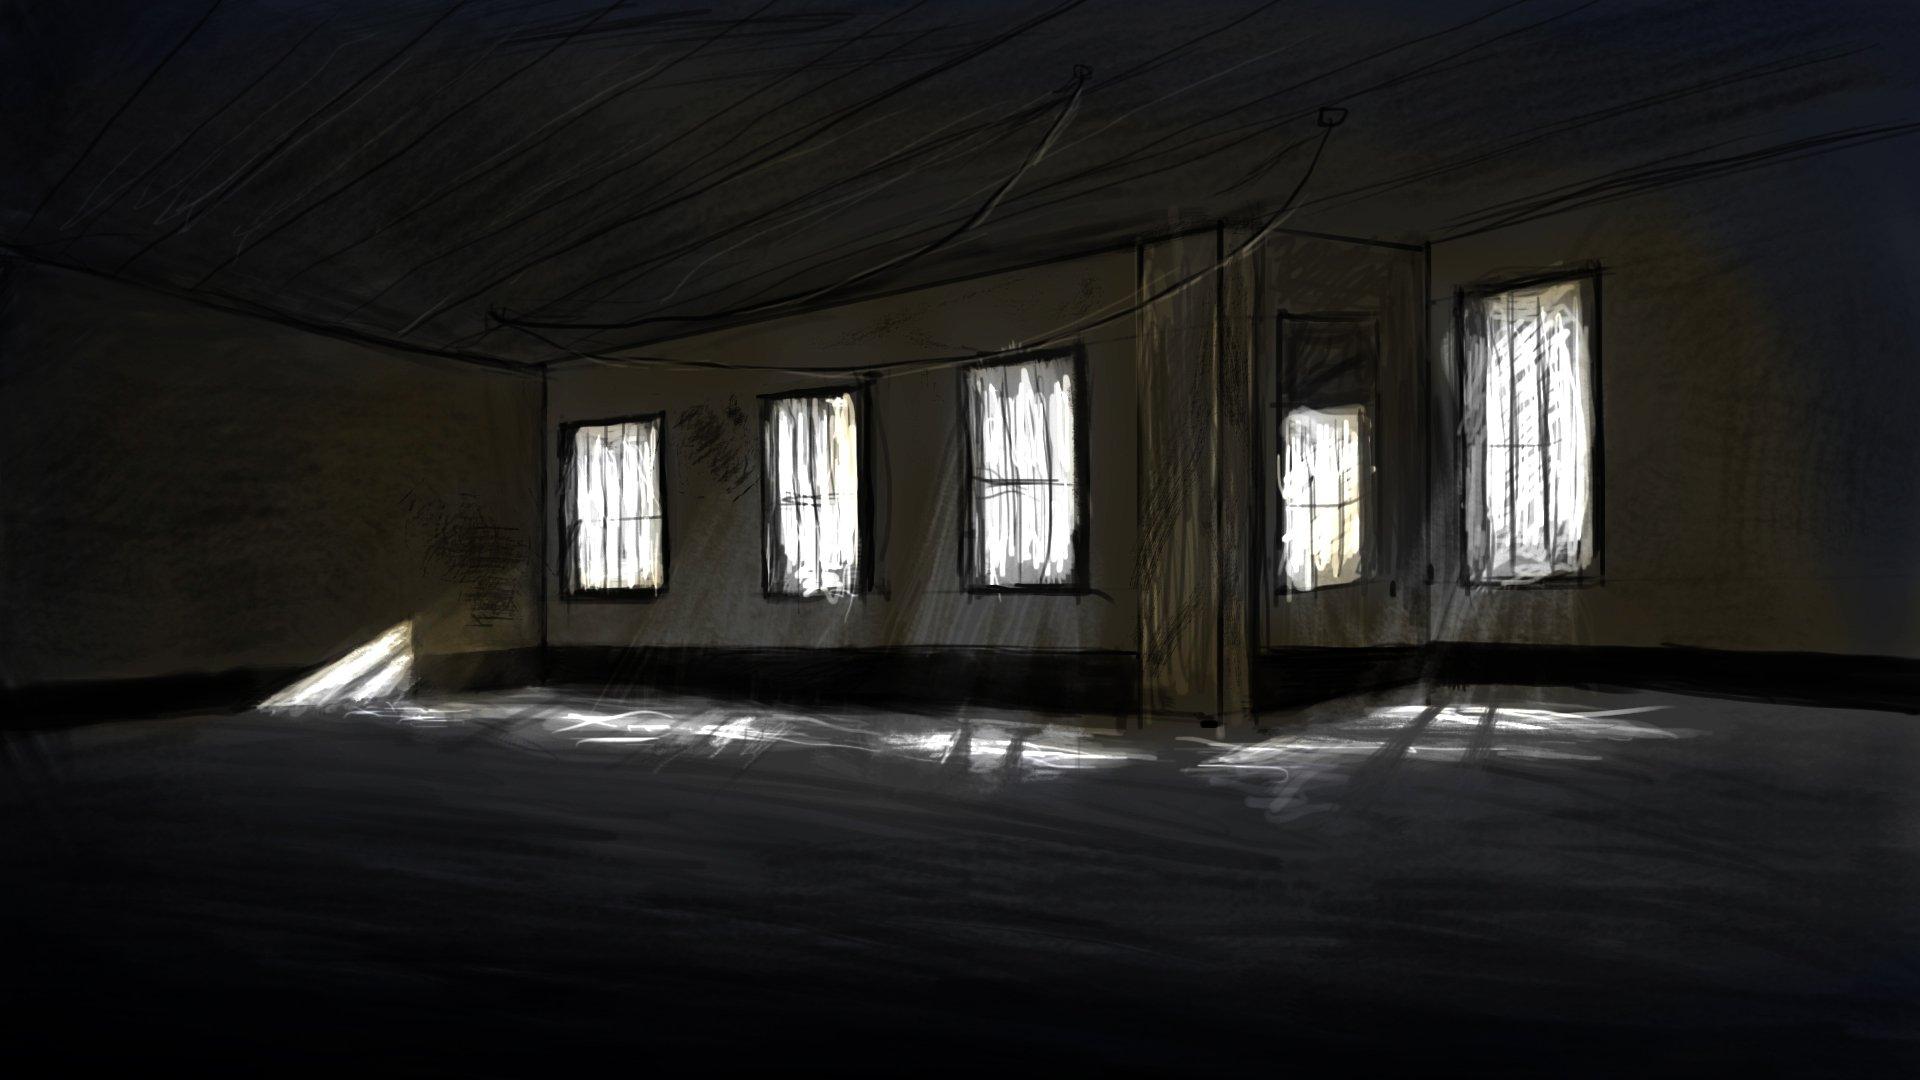 домик - Изображение 1